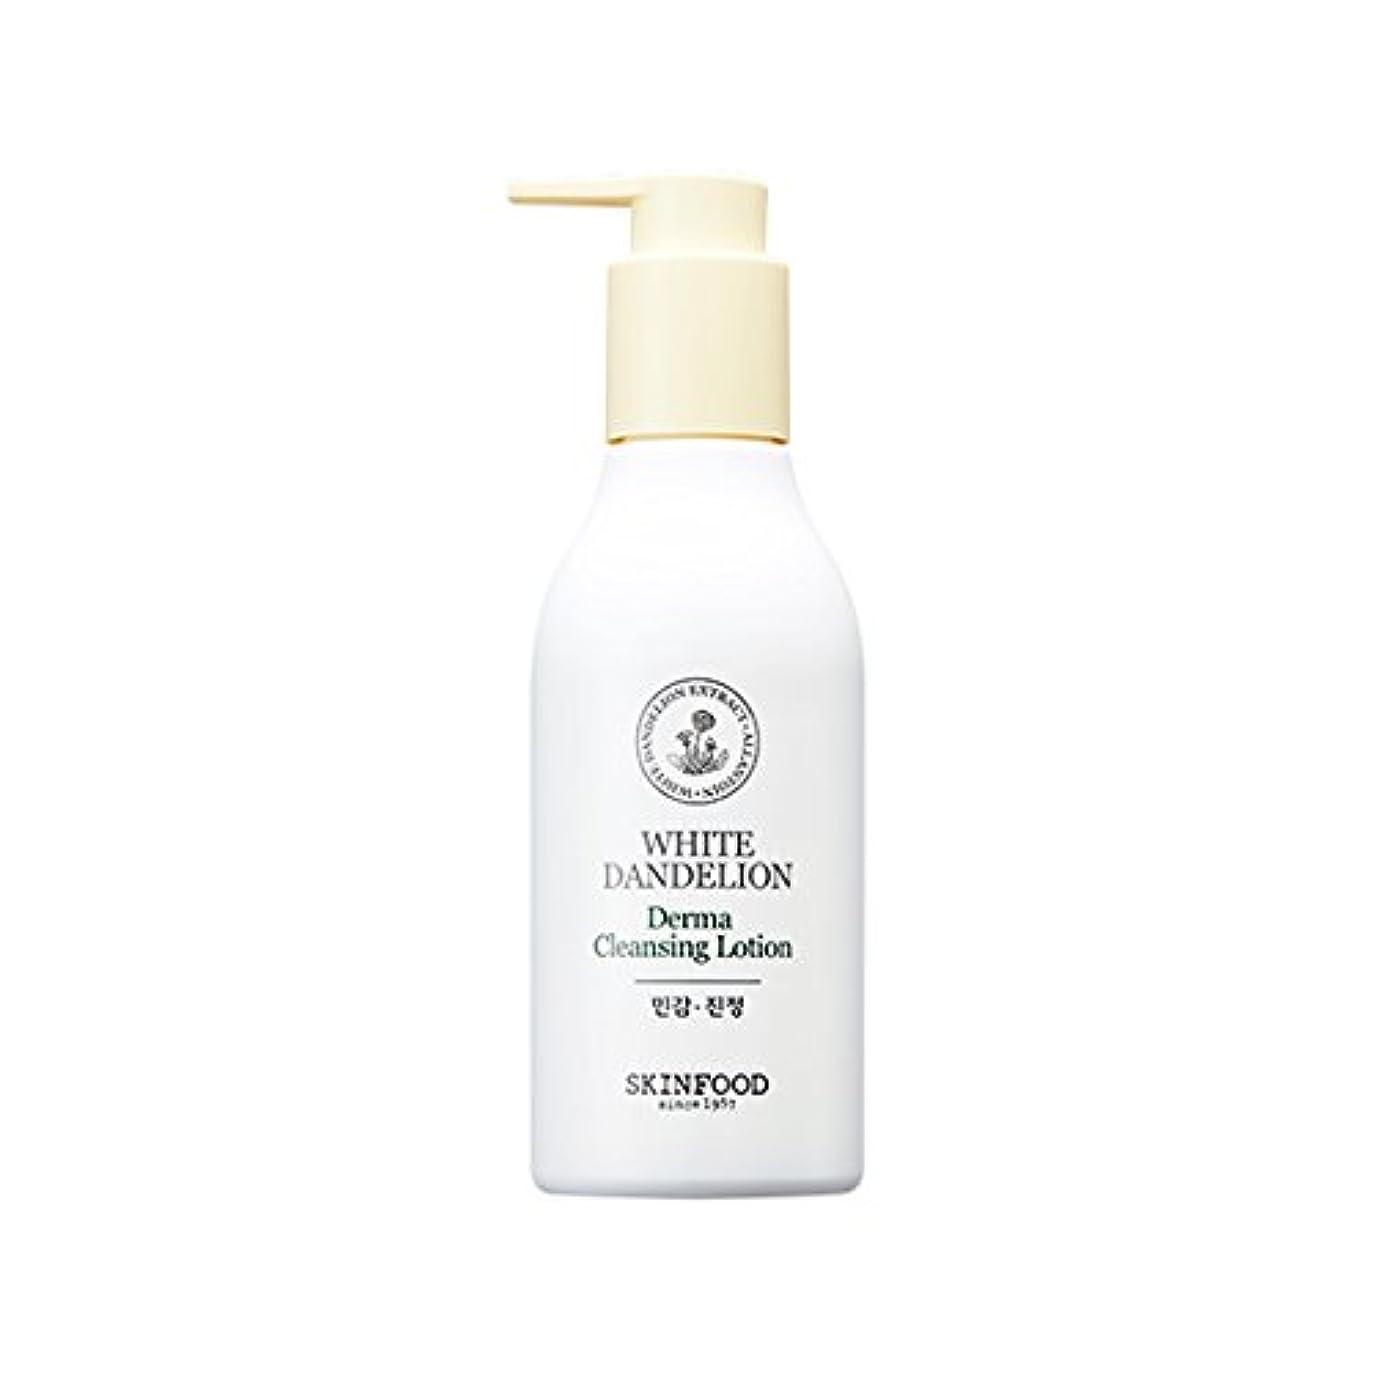 問い合わせるホイッスル麦芽Skinfood/White Dandelion Derma Cleansing Lotion/ホワイトタンポポダーマクレンジングローション/200ml [並行輸入品]